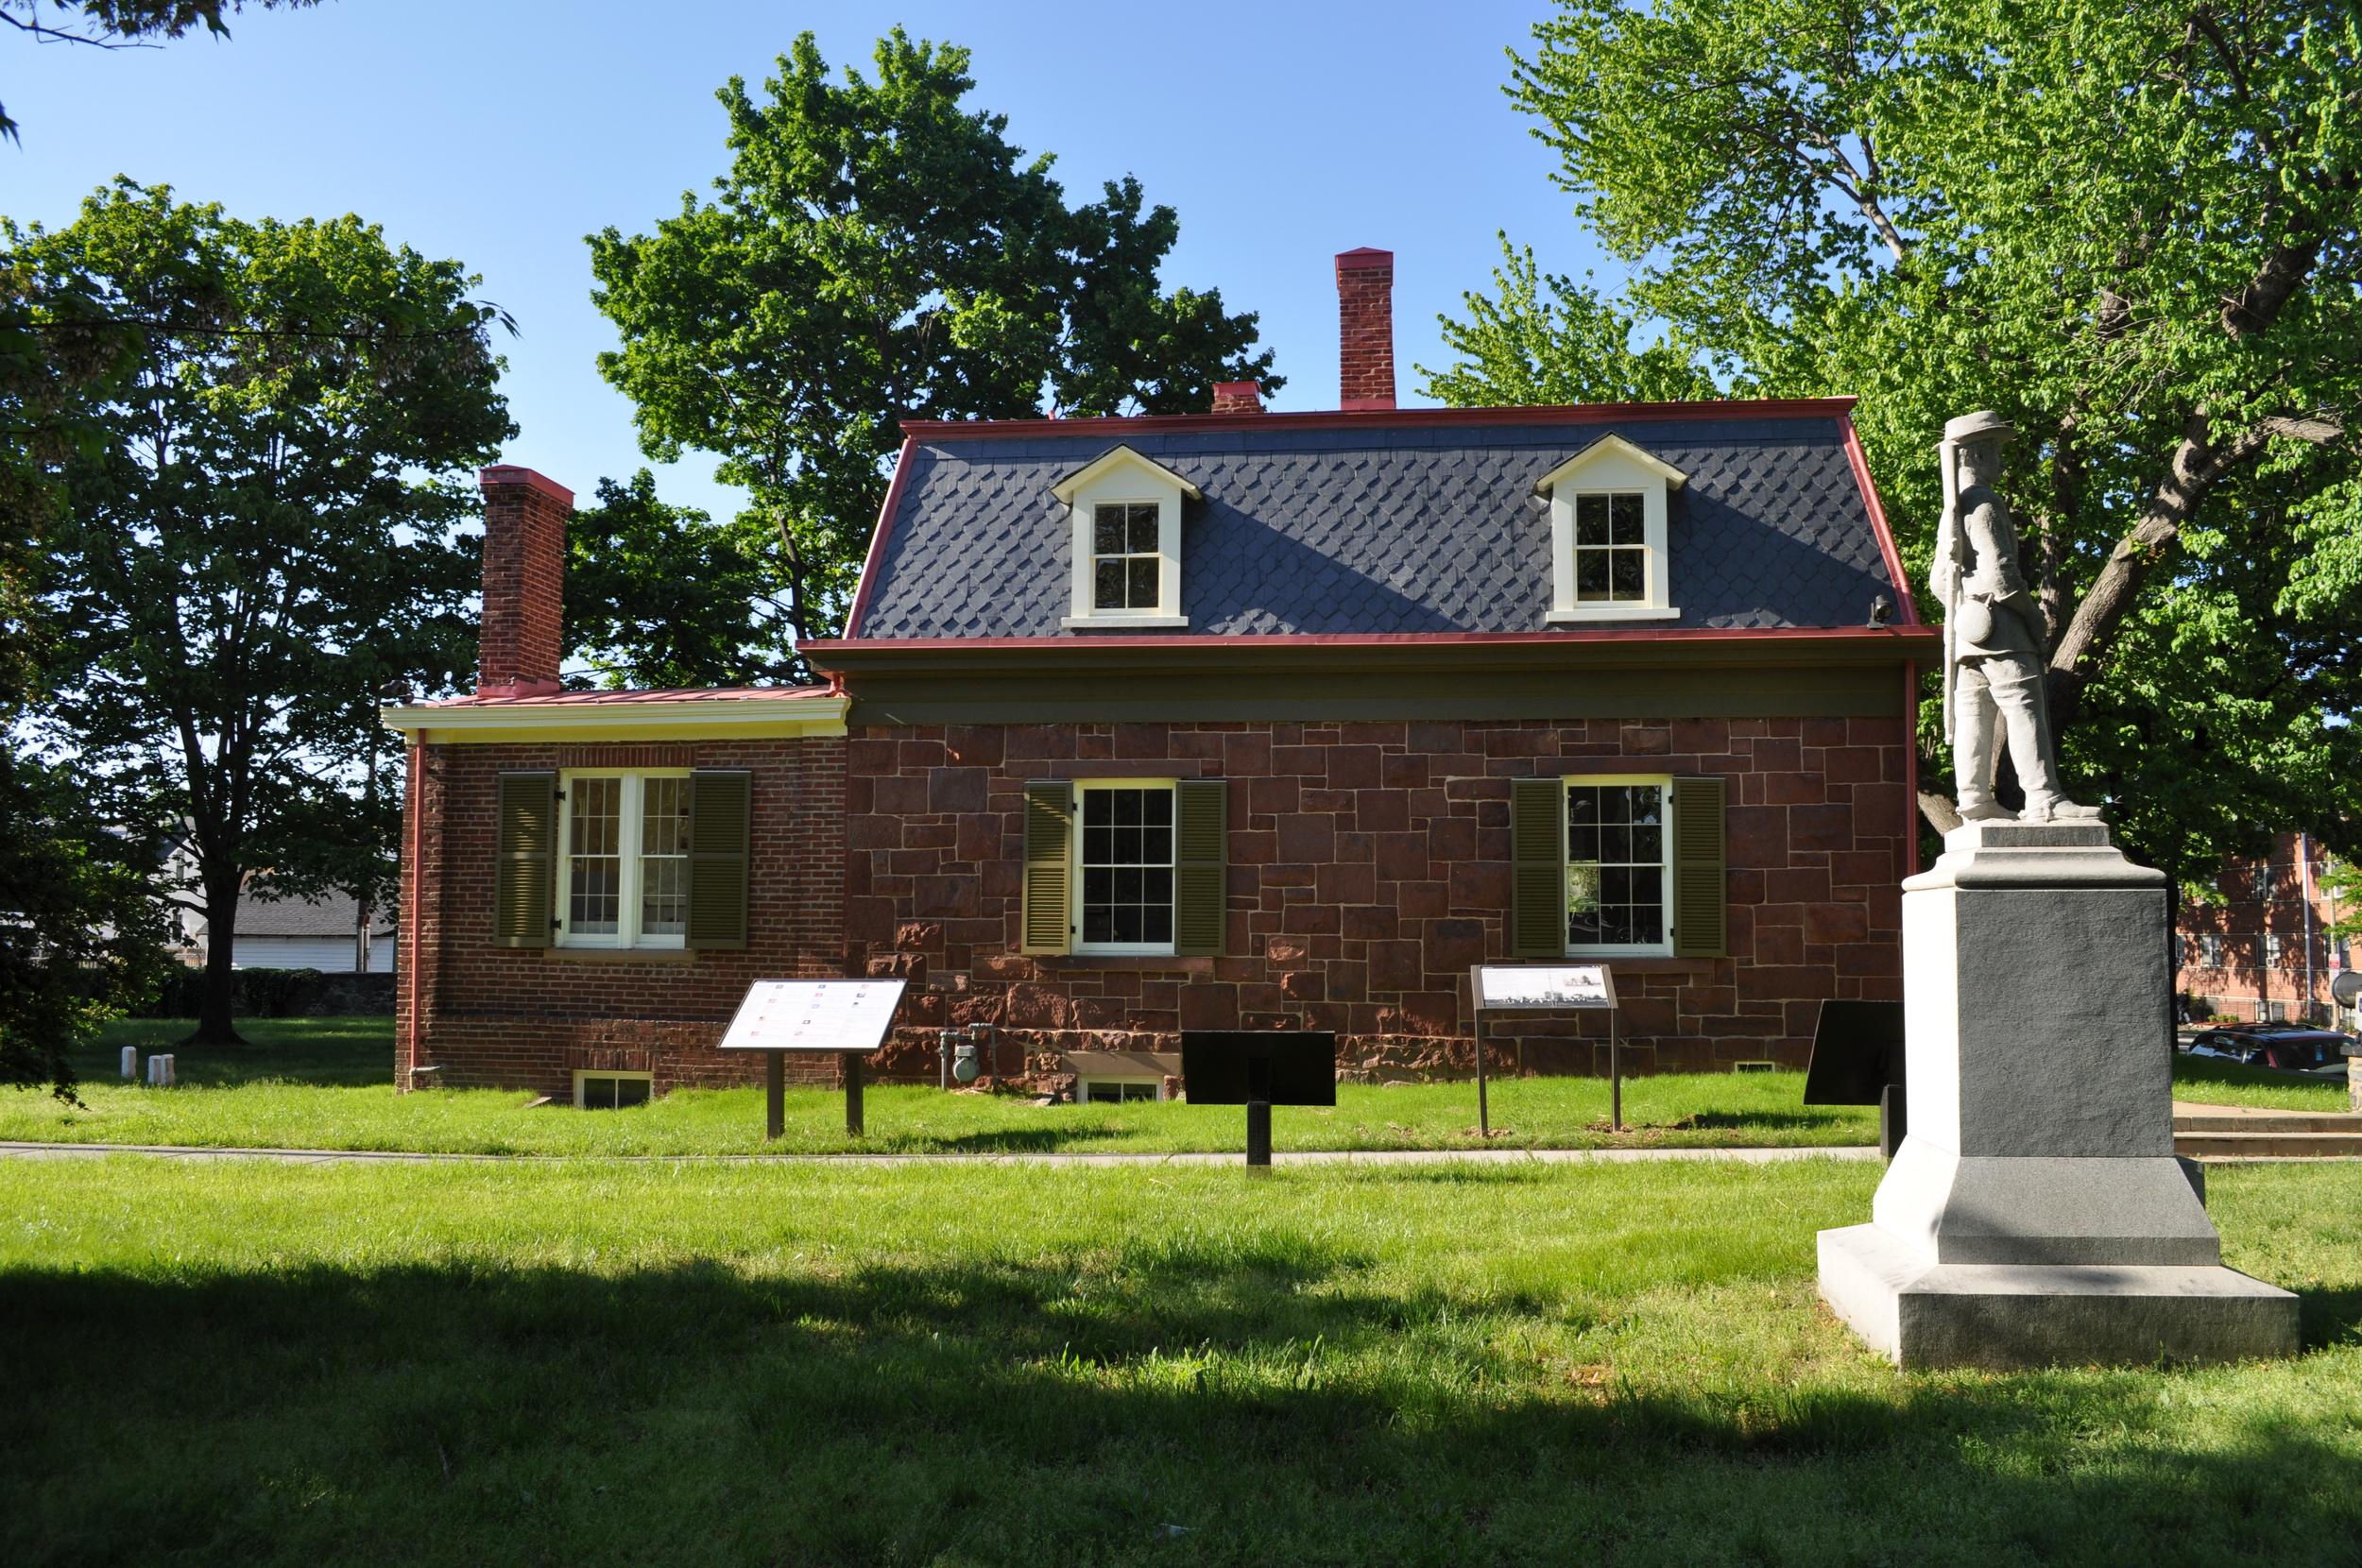 National Battleground Historic Lodge & Rostrum